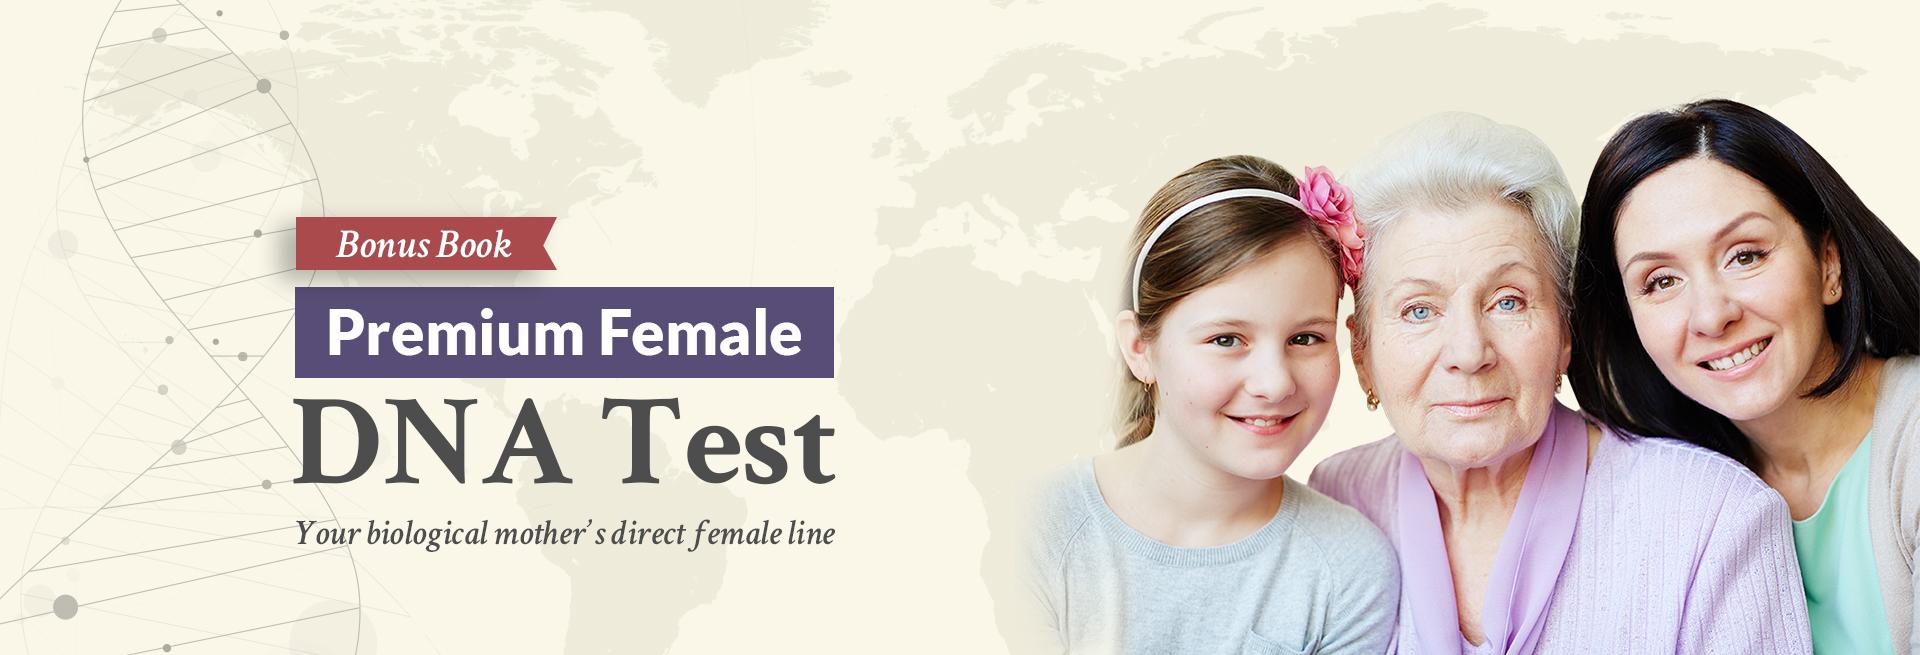 premium-female-test-bonus-book